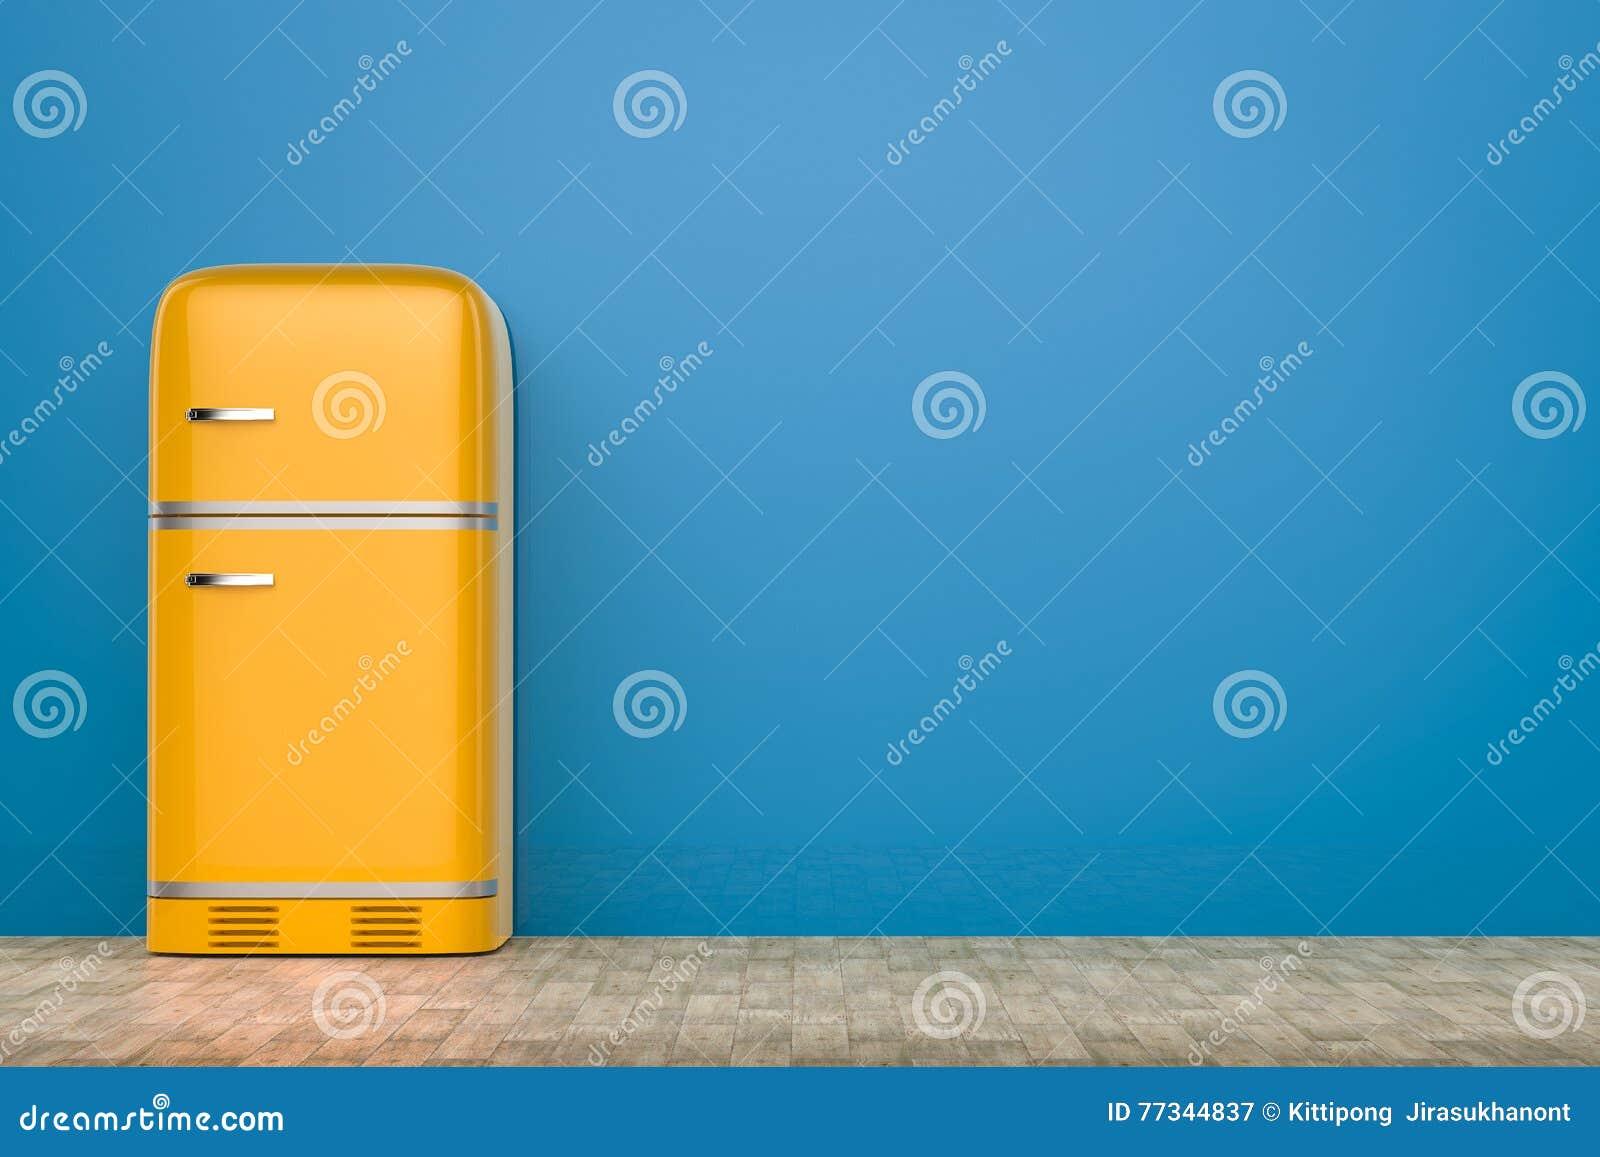 Retro Kühlschrank Blau : Retro designkühlschrank stock abbildung. illustration von blau